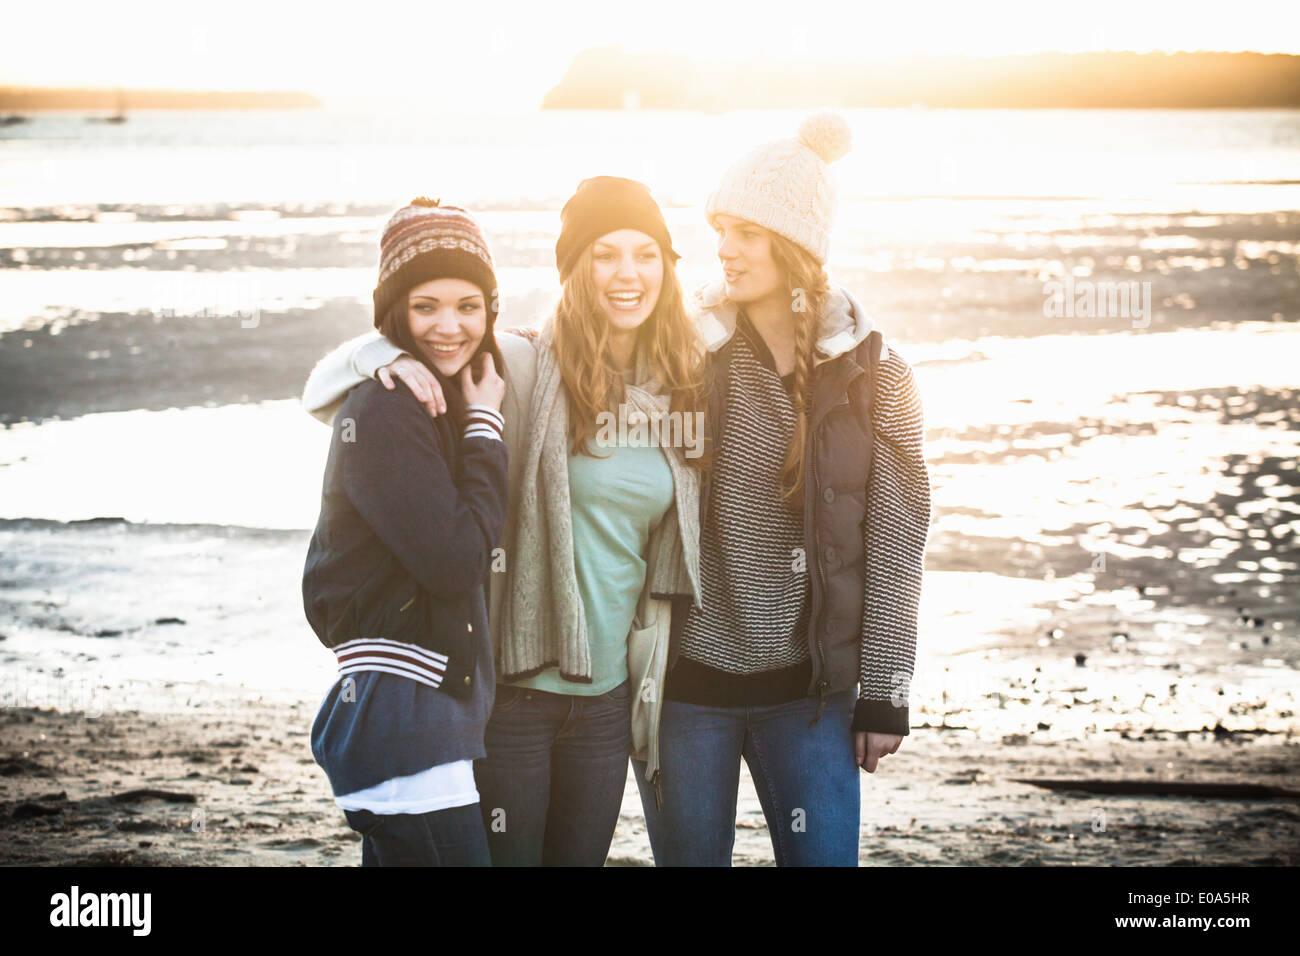 Porträt von drei junge Erwachsene Frauen am Strand Stockbild